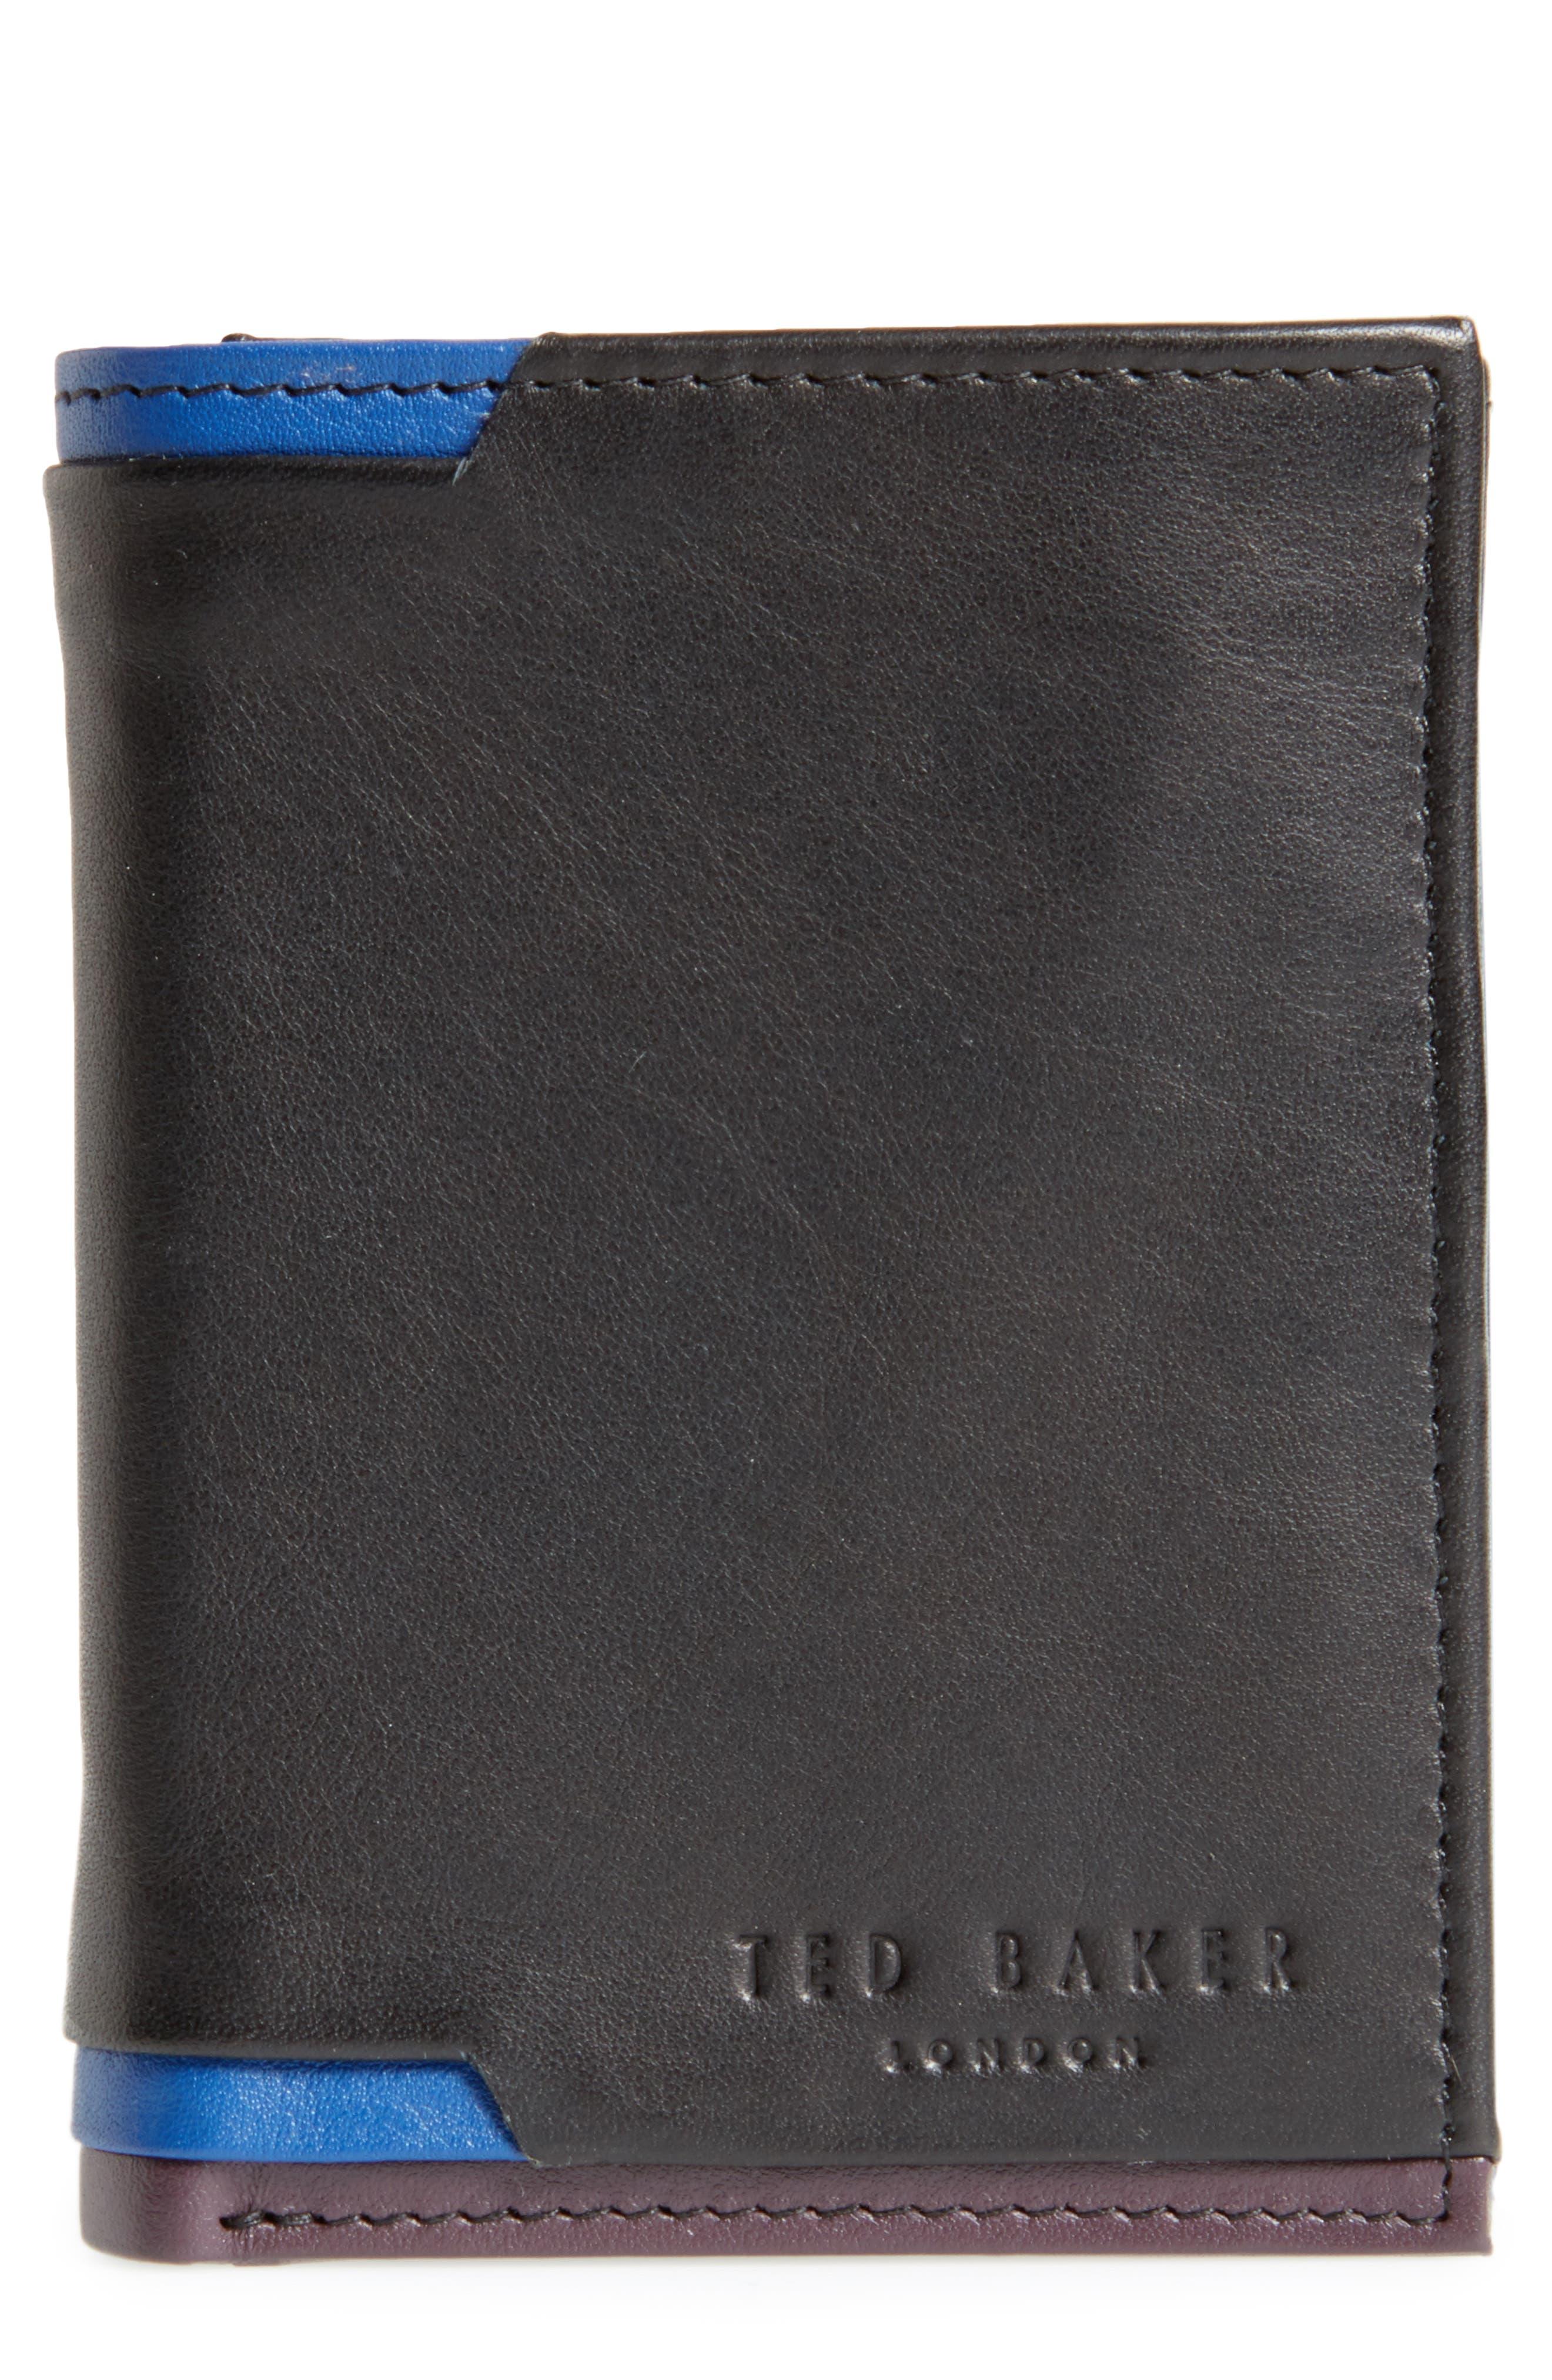 Vien Corner Detail Trifold Leather Wallet,                             Main thumbnail 1, color,                             001